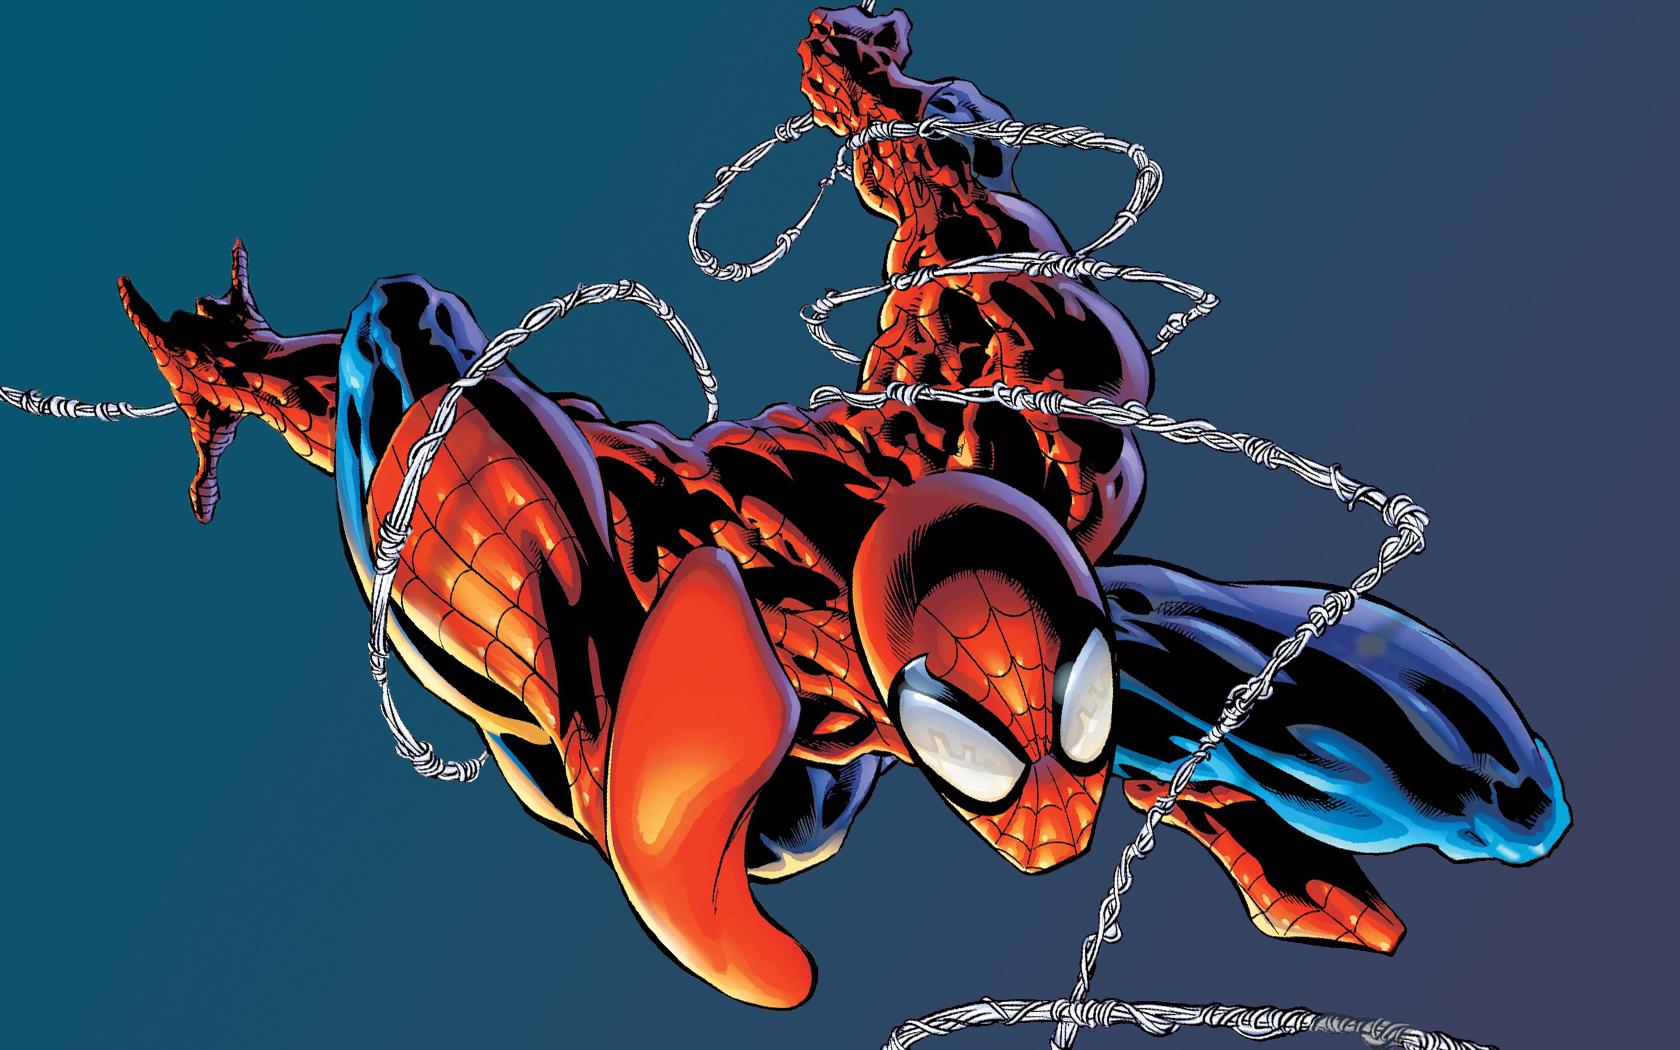 Comics Spider man Wallpaper 1680x1050 Comics Spiderman Superheroes 1680x1050